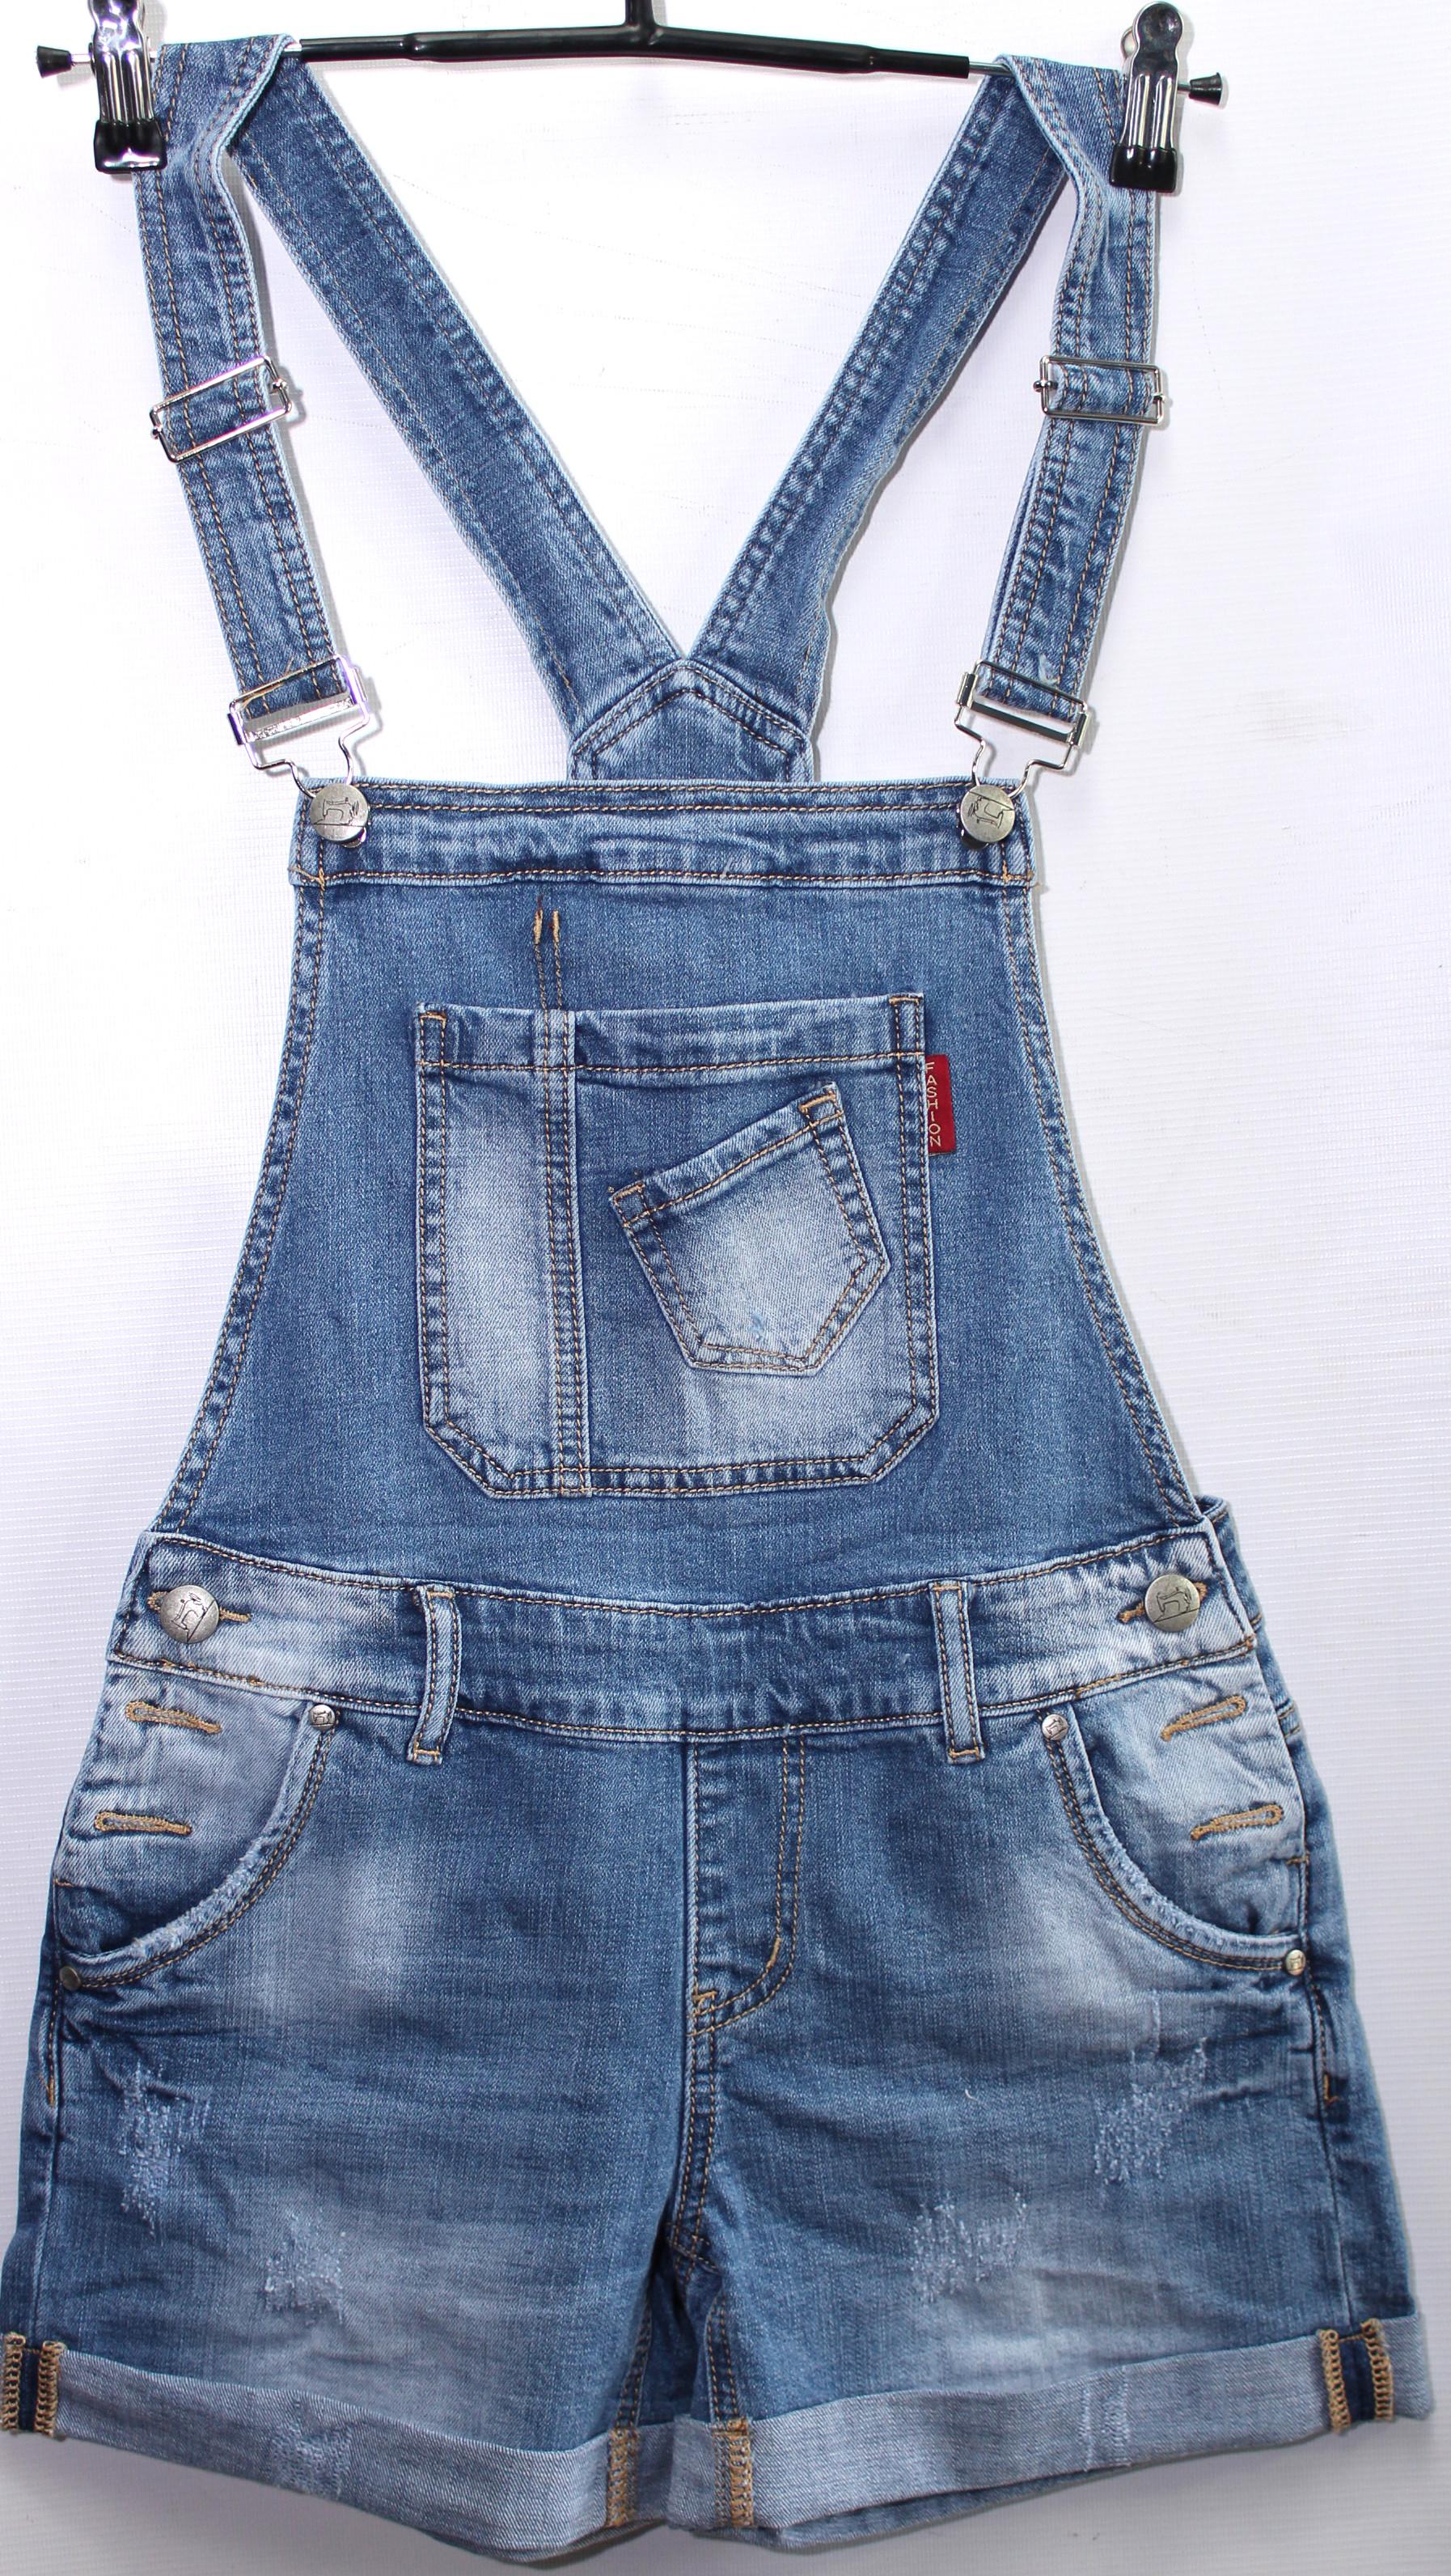 Комбинезоны джинсовые женские ZIJINYAN  оптом 84329170 068-32